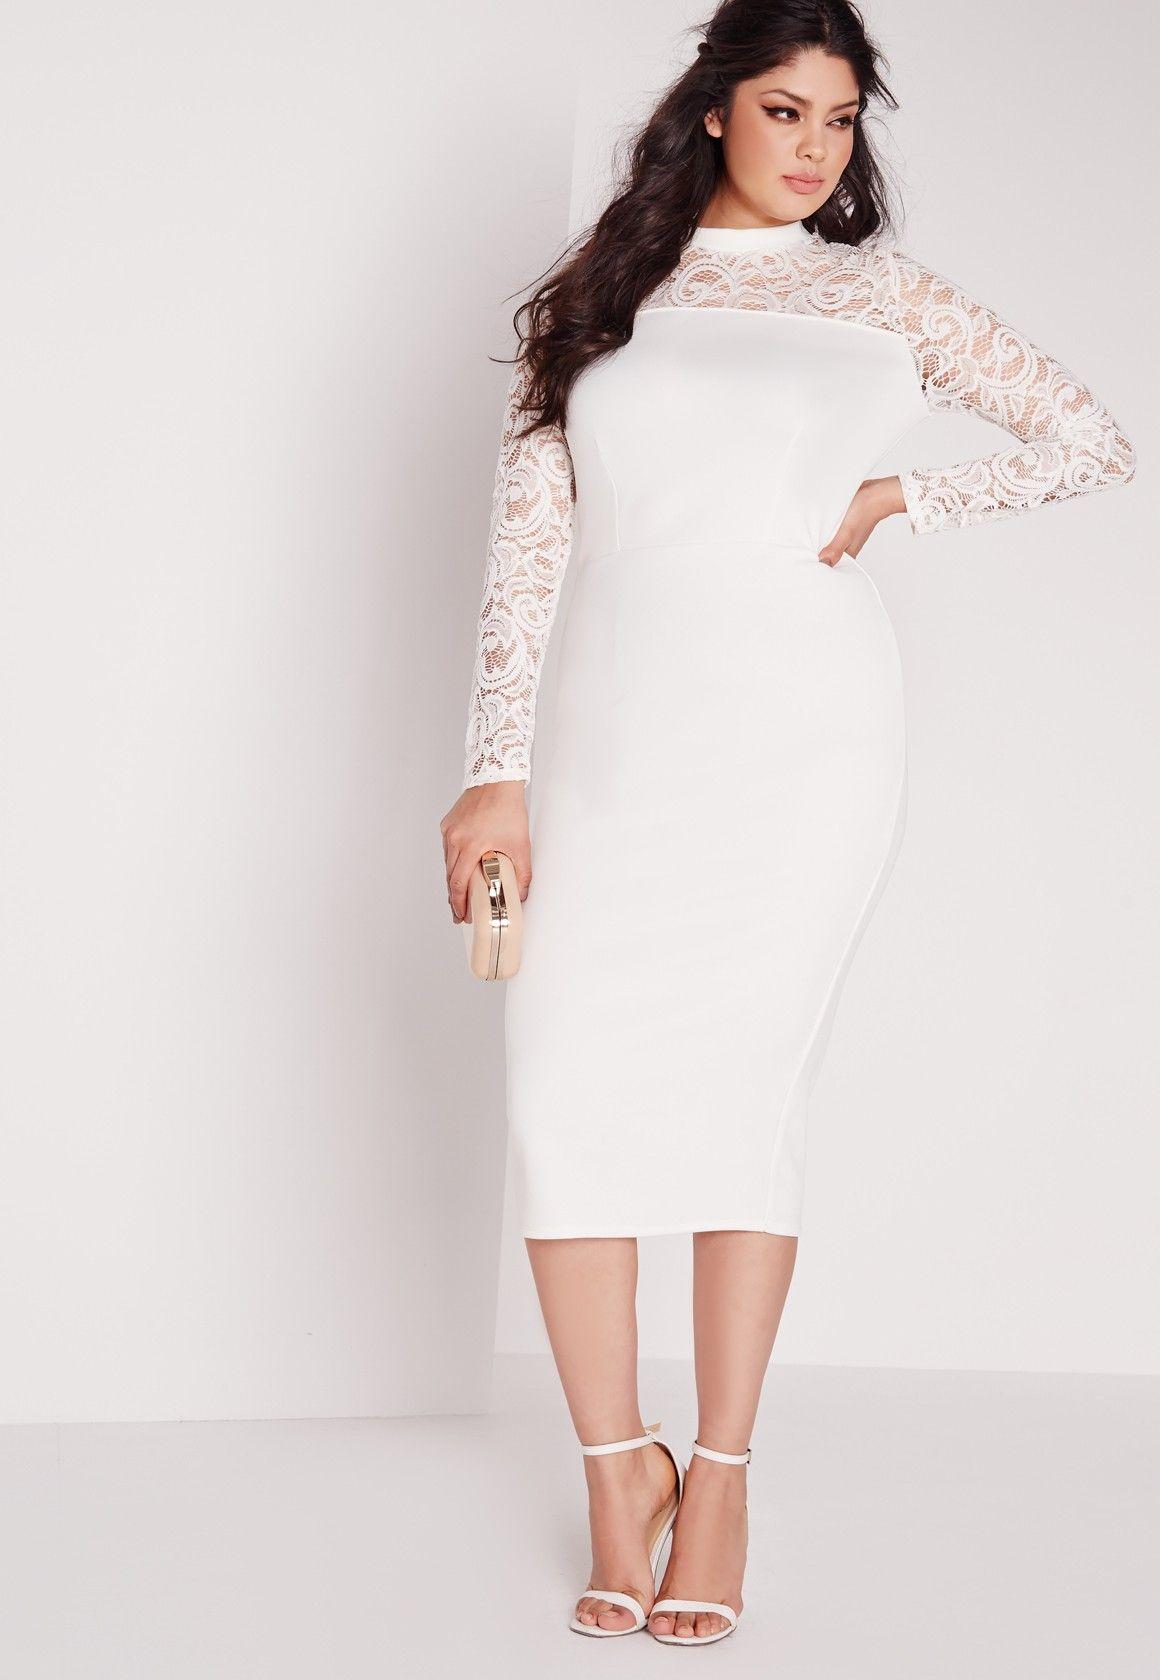 Missguided Plus Size Scuba Lace Midi Dress White Shower Dress For Bride Bridal Shower Dress White Bridal Shower Dress [ 1680 x 1160 Pixel ]